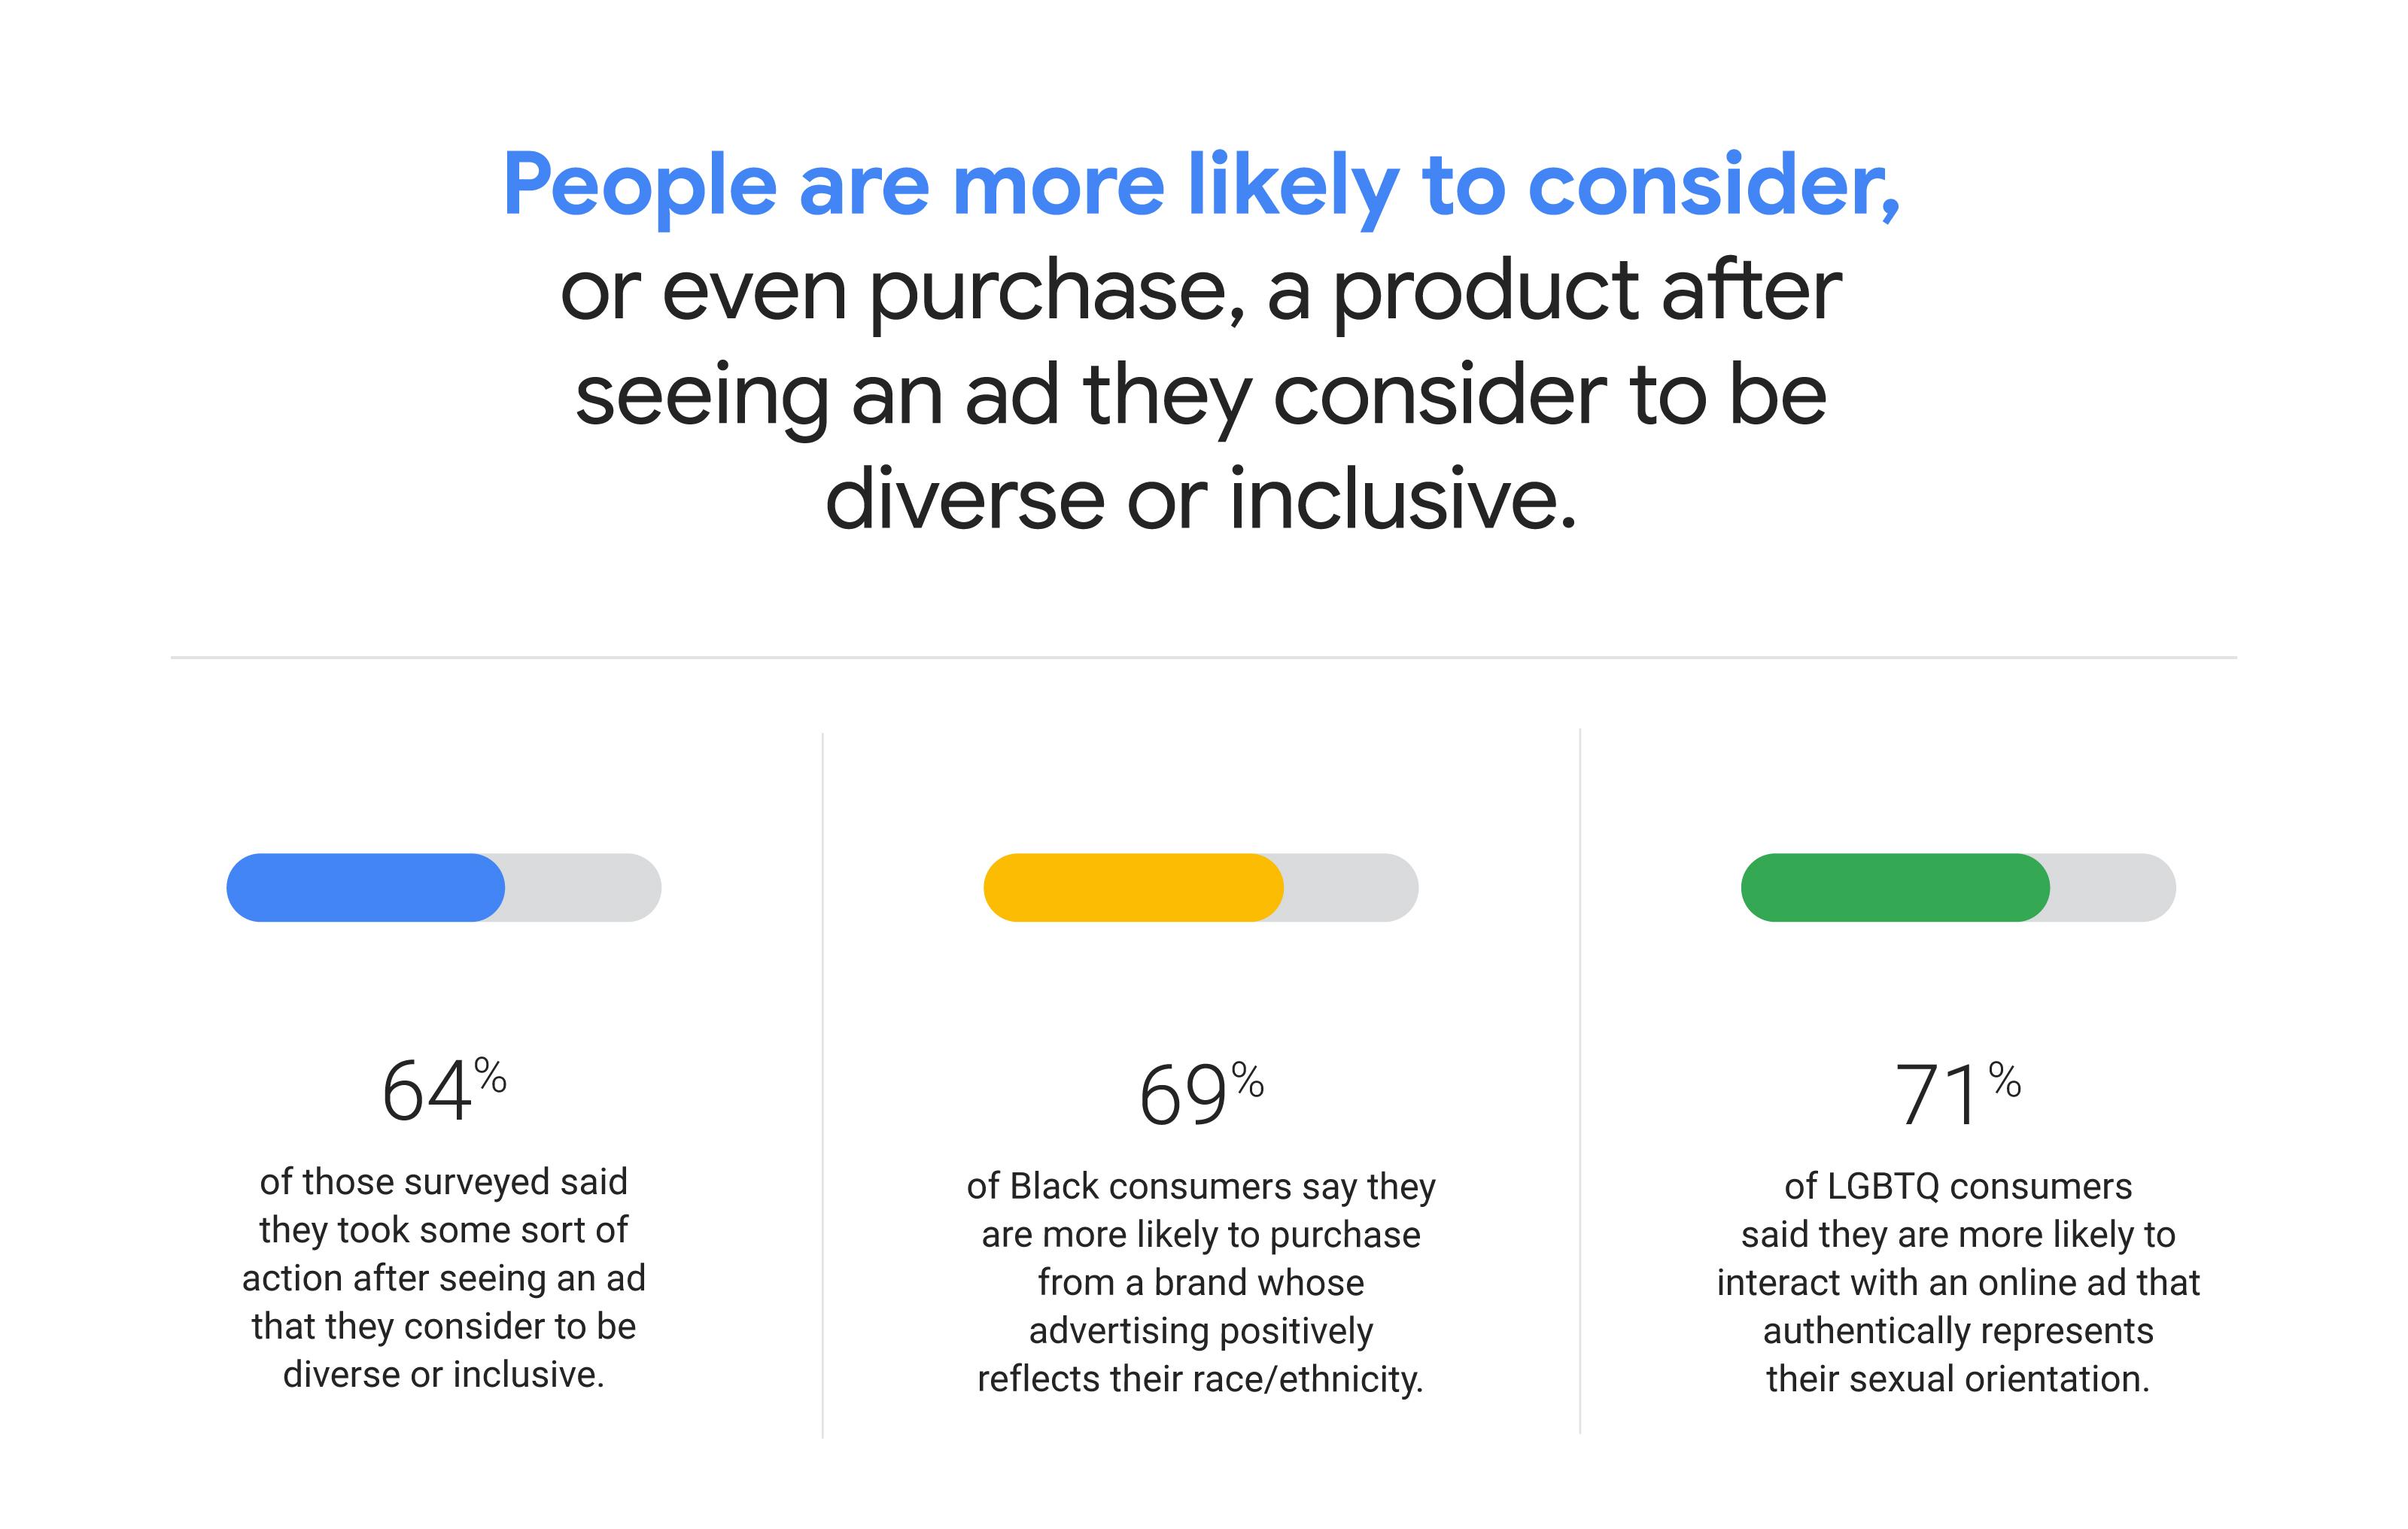 Le persone hanno maggiore desiderio di comprare dopo aver visto una campagna inclusiva